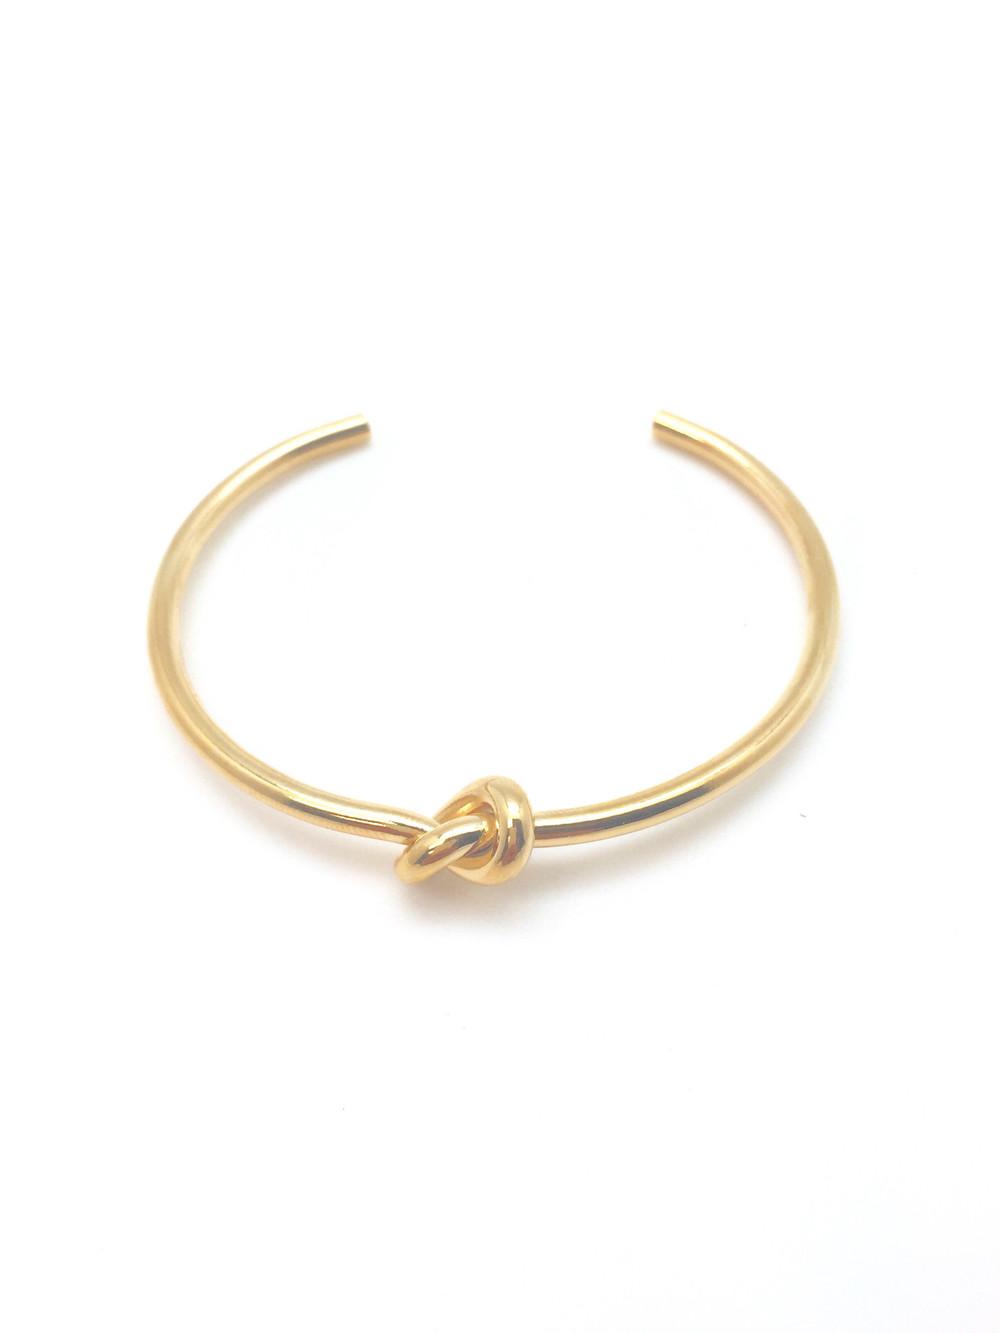 Tie Knot Bracelet $22